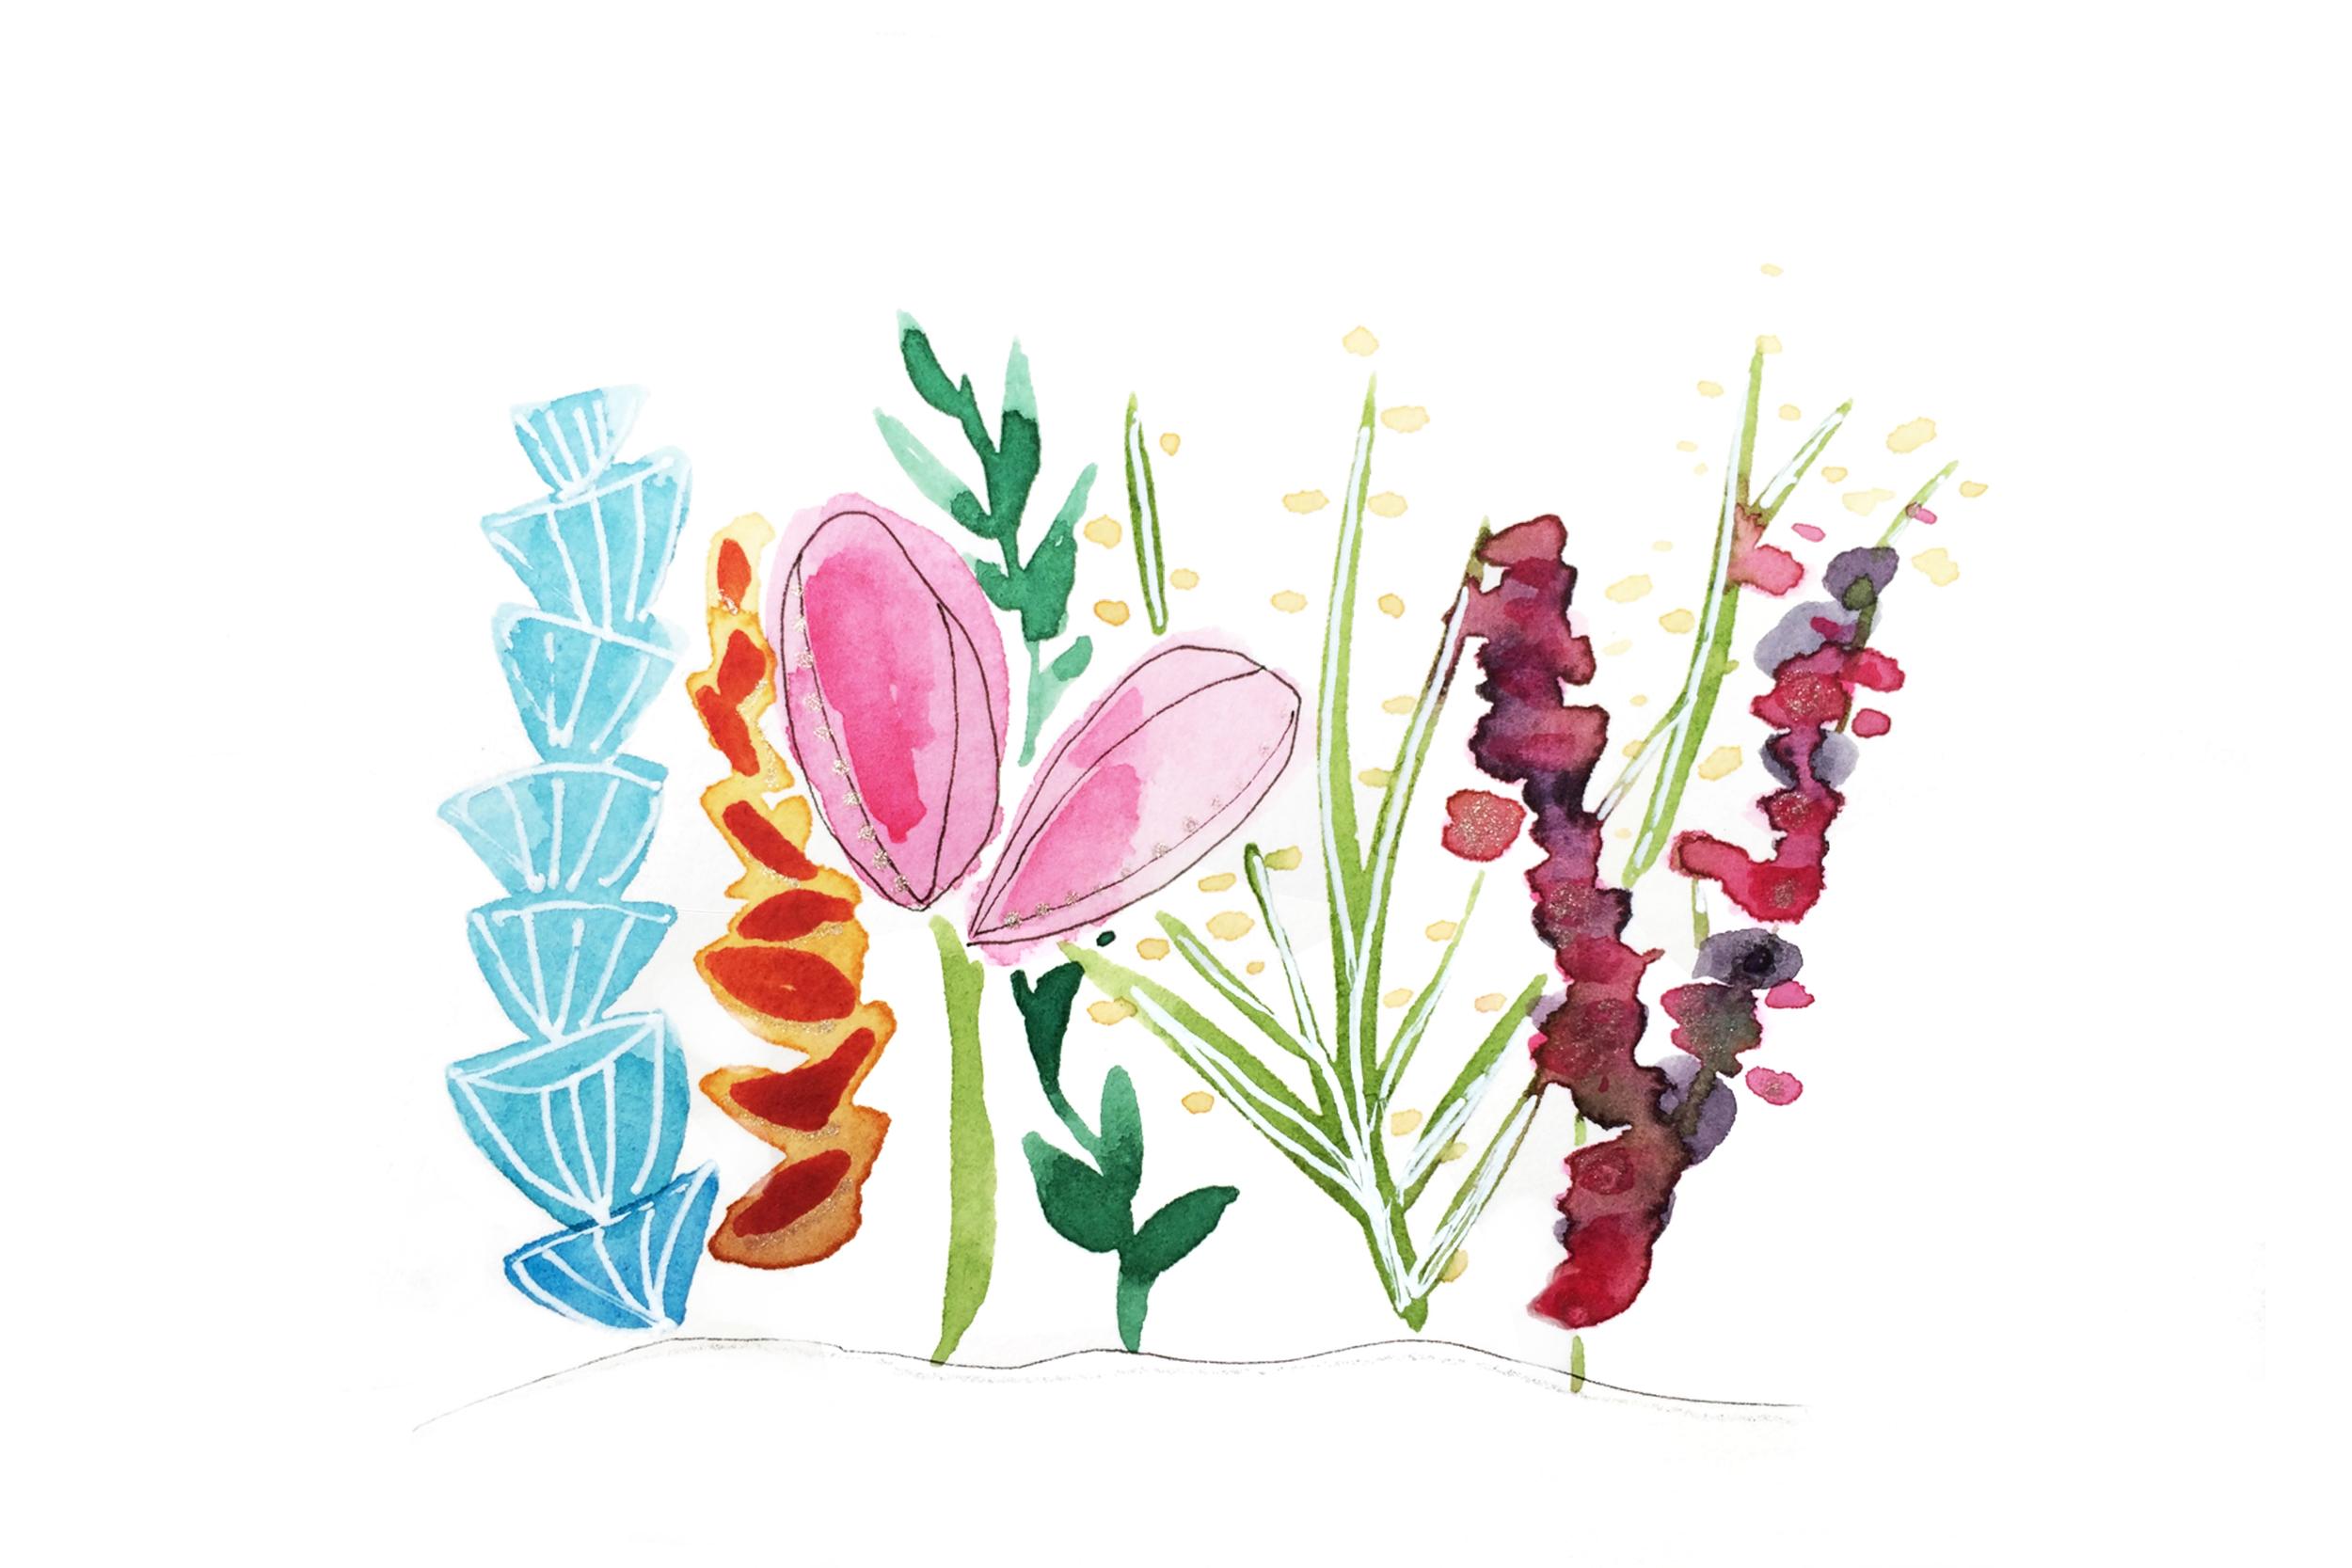 Glitter on Flowers, Watercolor, 2015